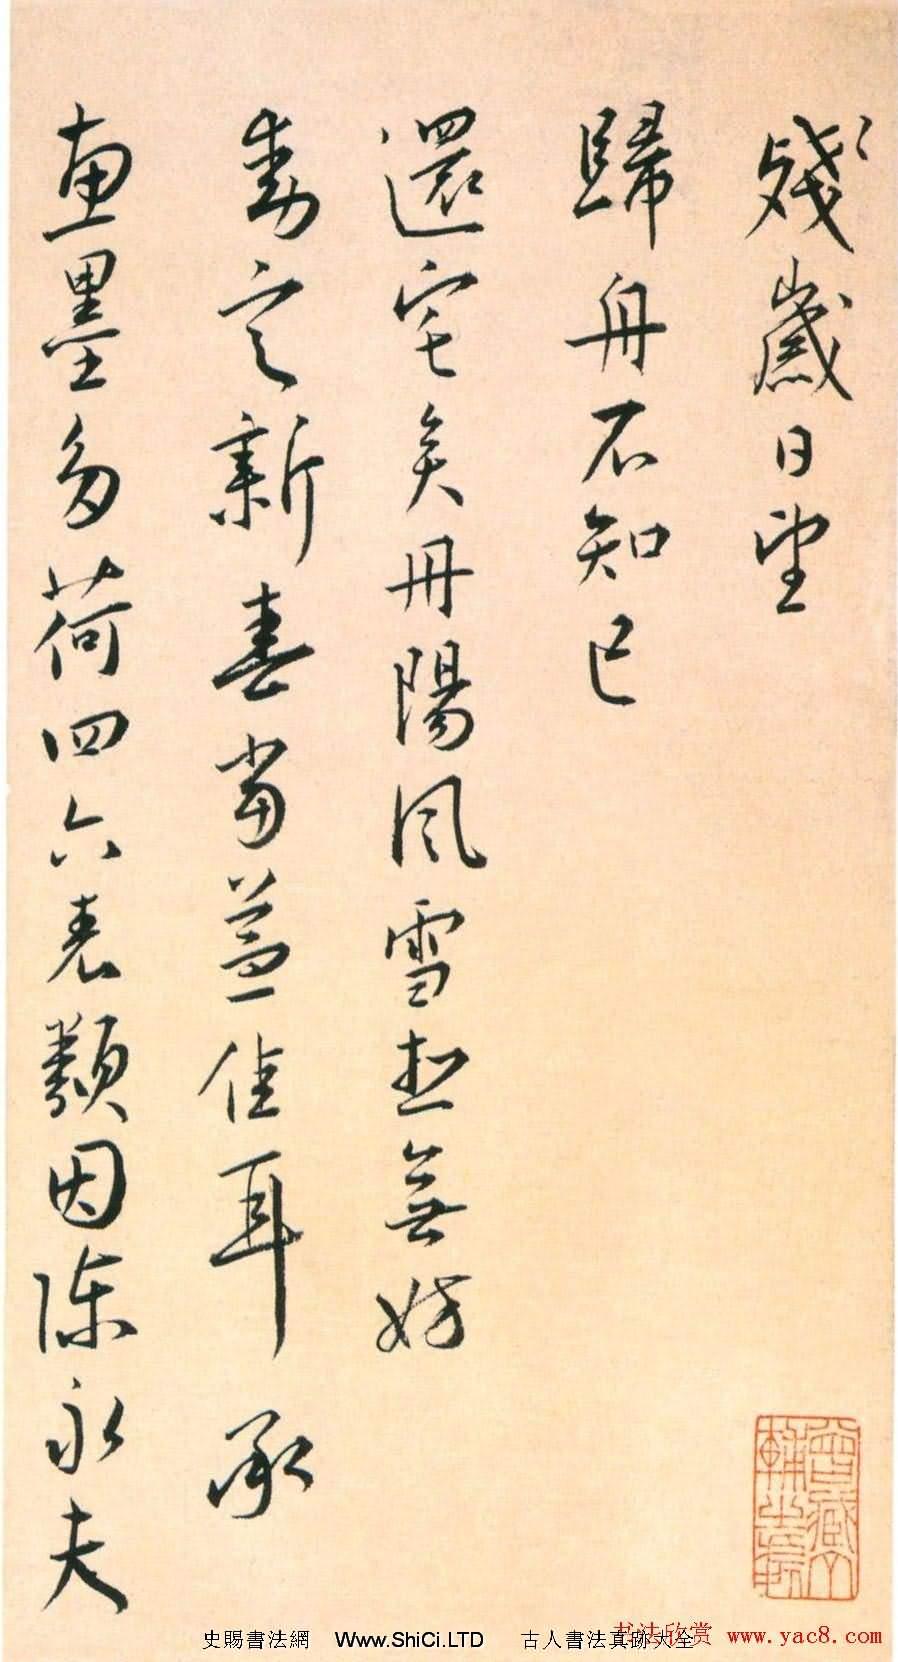 王寵行草書墨跡真跡欣賞《致尊師書札》(共2張圖片)